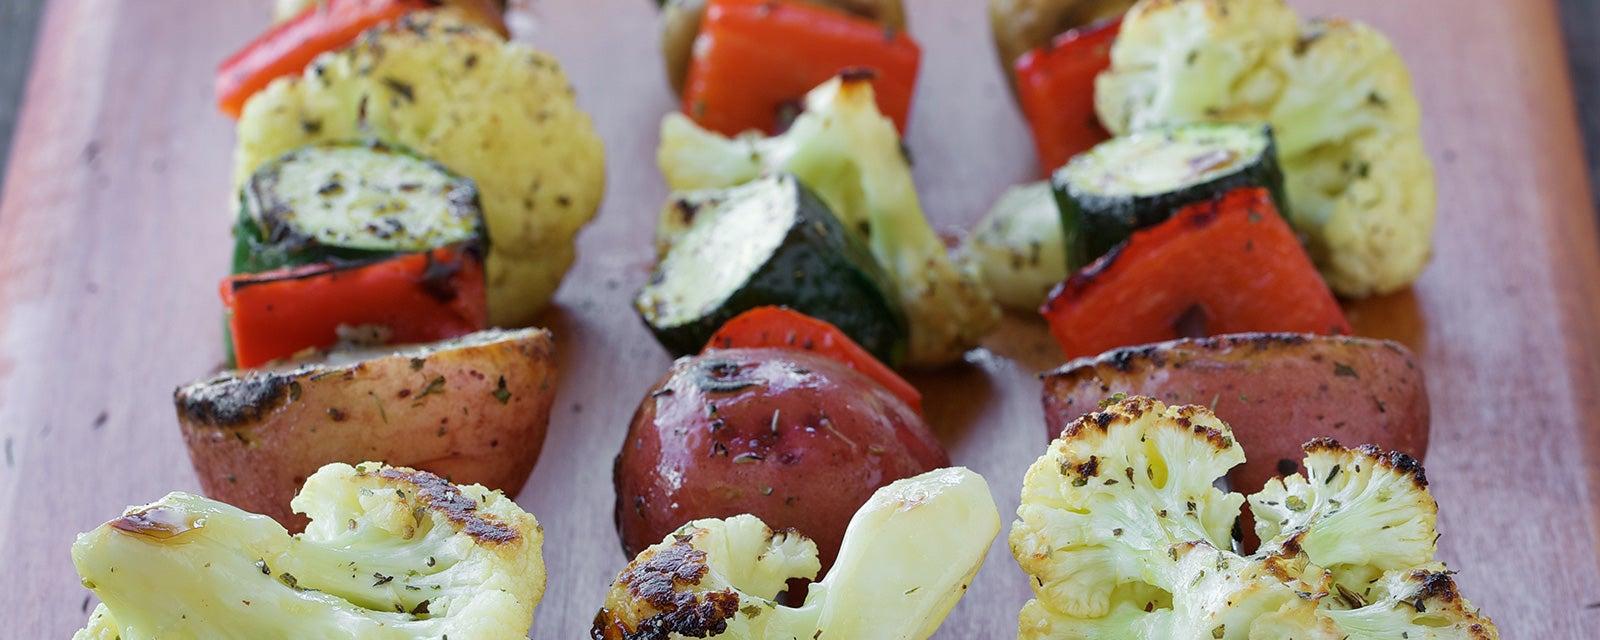 Skewered Marinated Vegetables